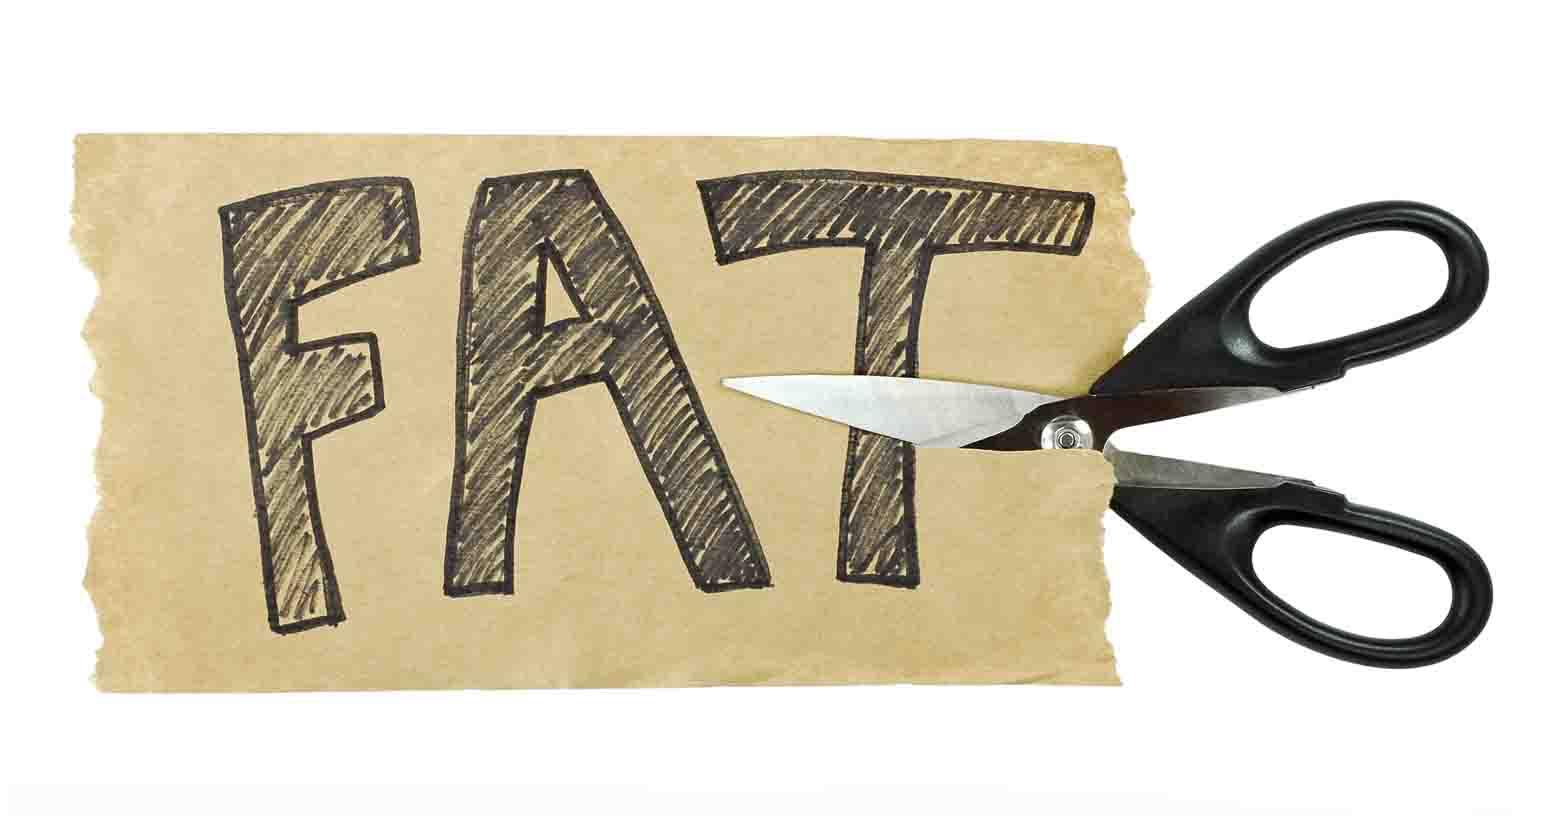 ۵ روش علمی برای کاهش وزن دائمی